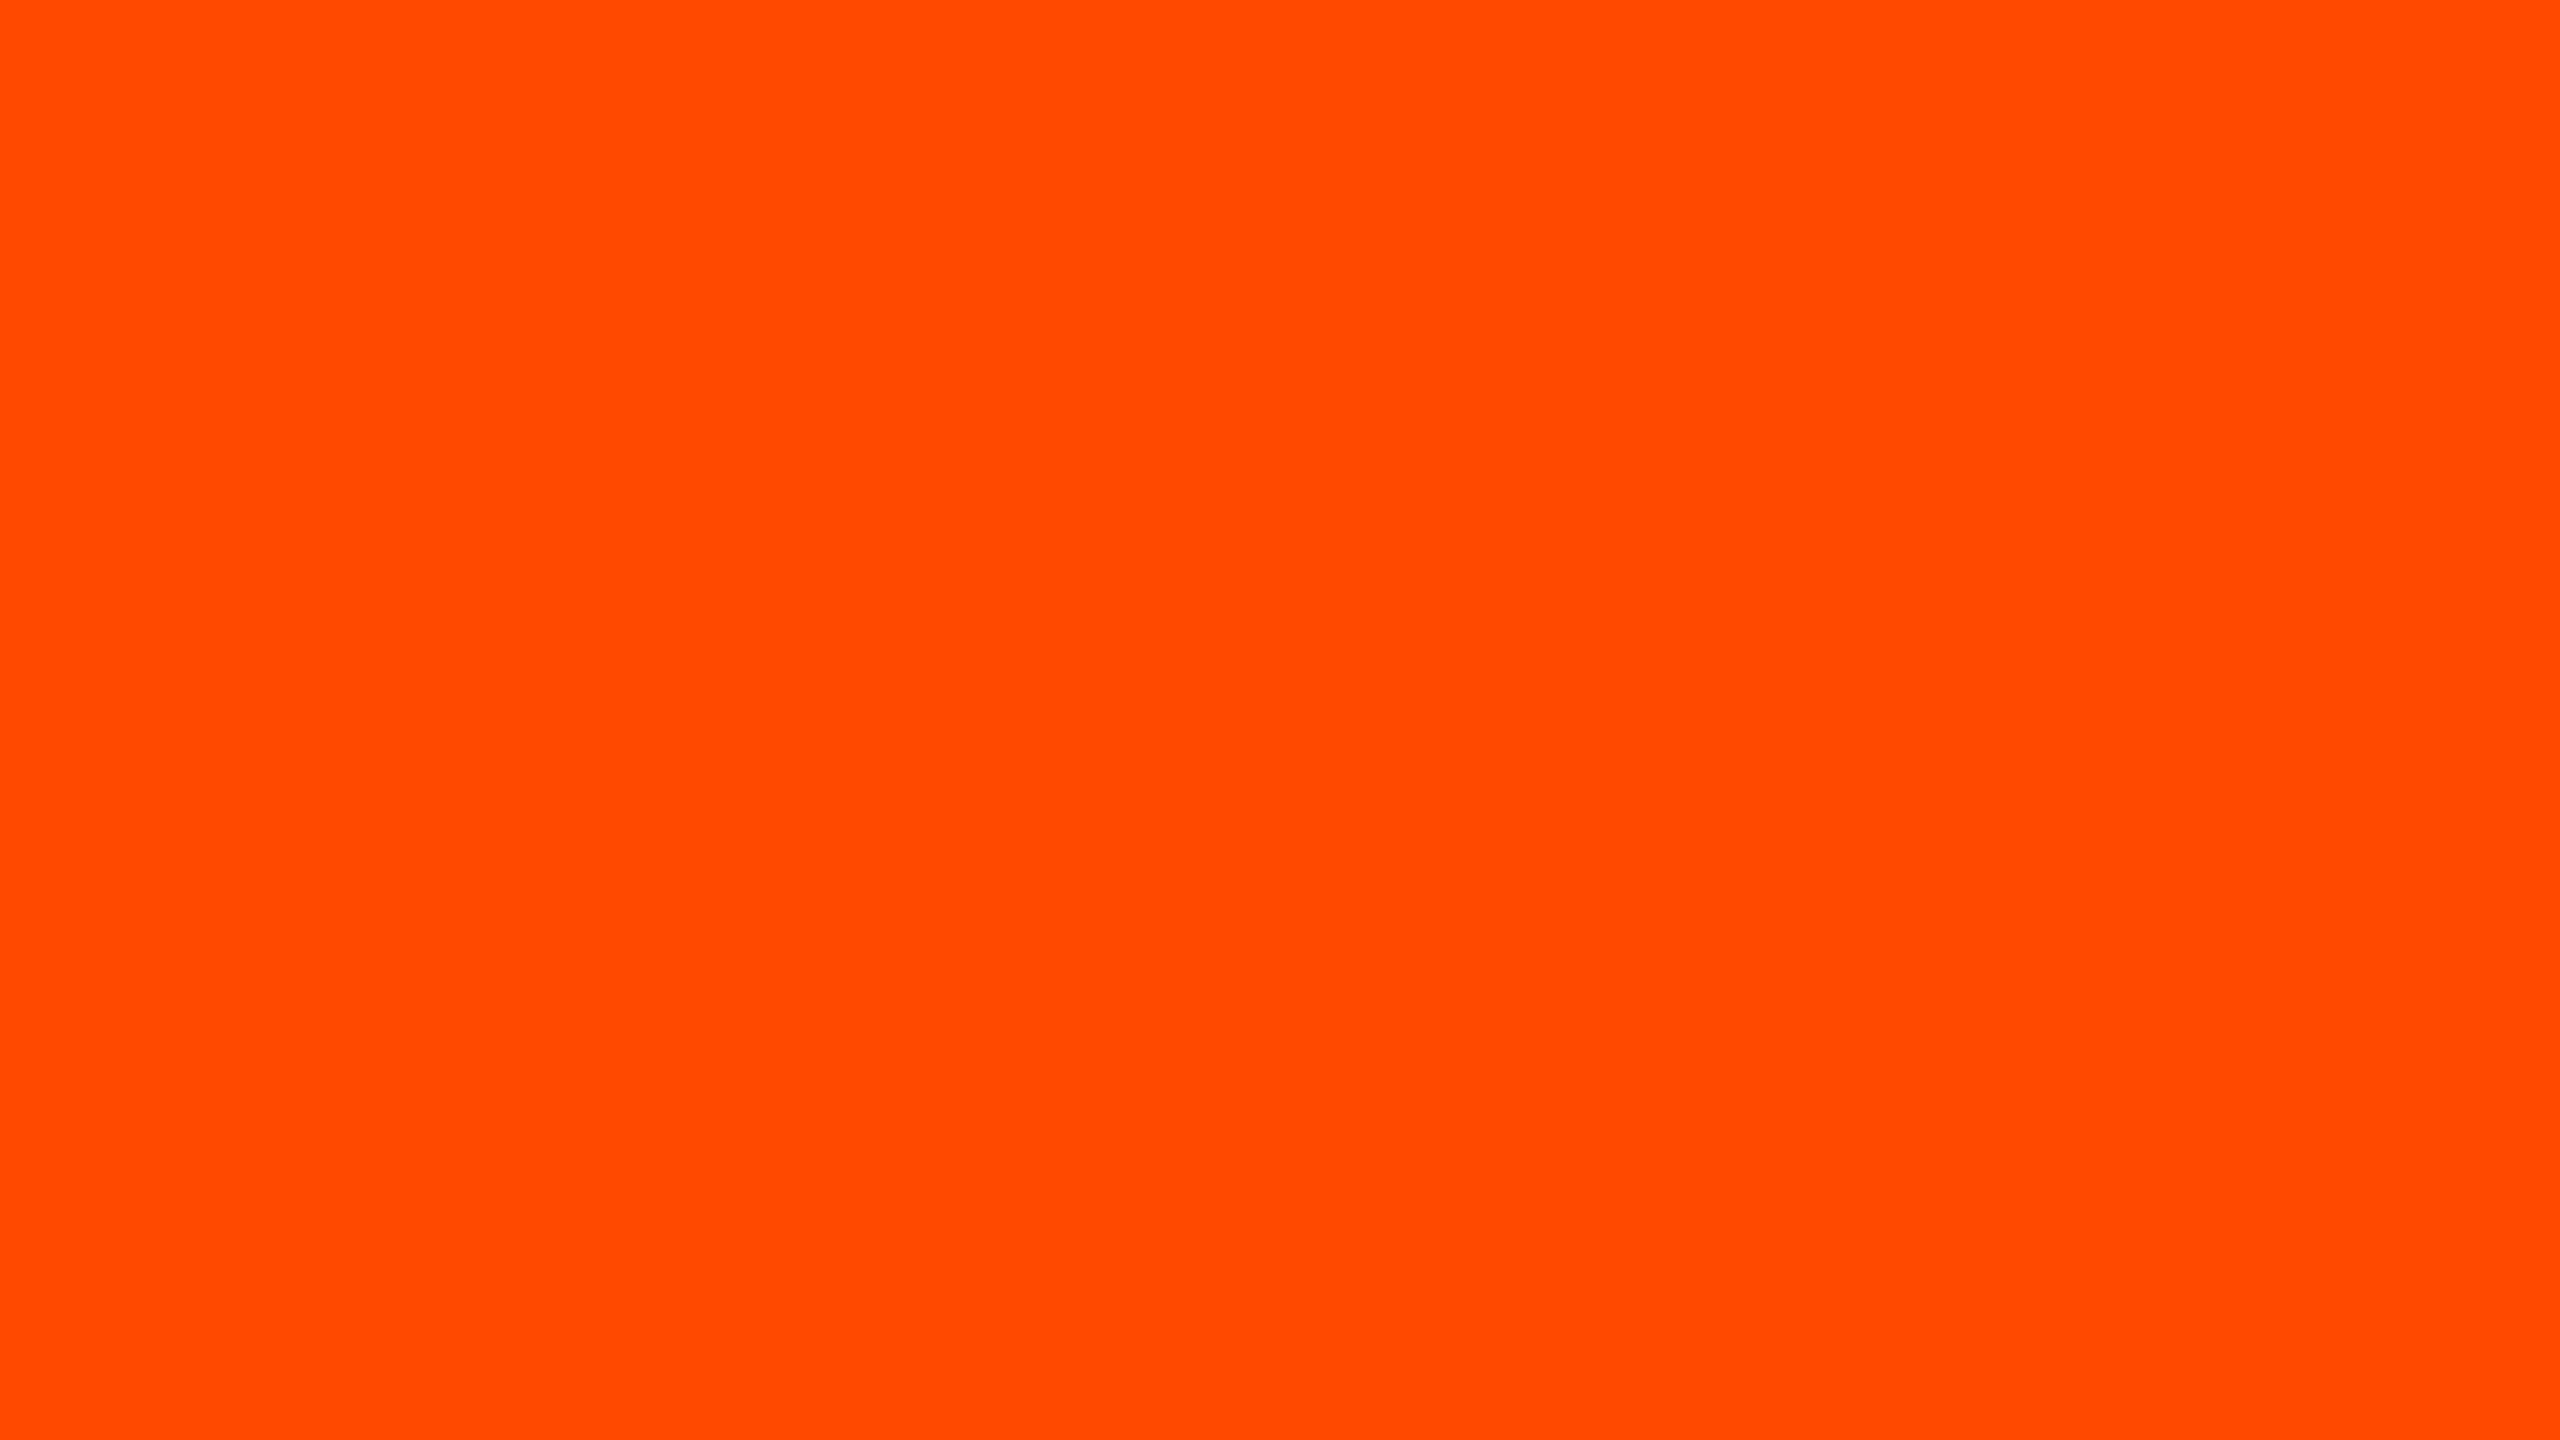 orange dark wallpapers wallpaper desktop 2560x1440 2560x1440